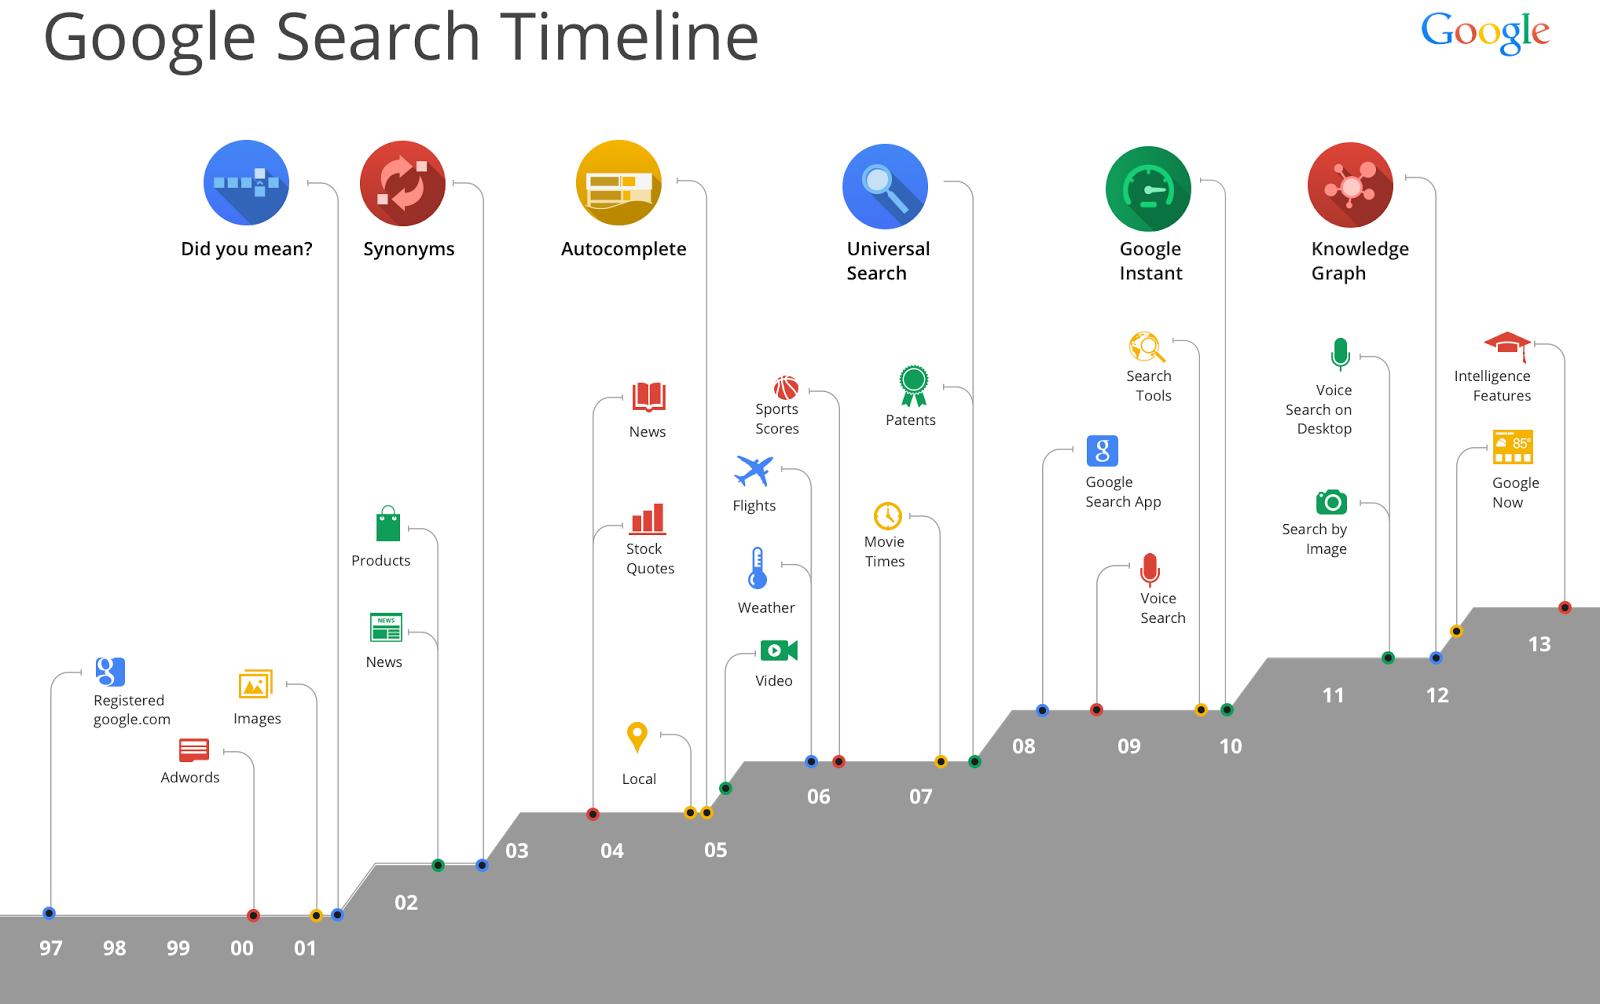 Línea de tiempo de los sistemas de búsqueda de Google